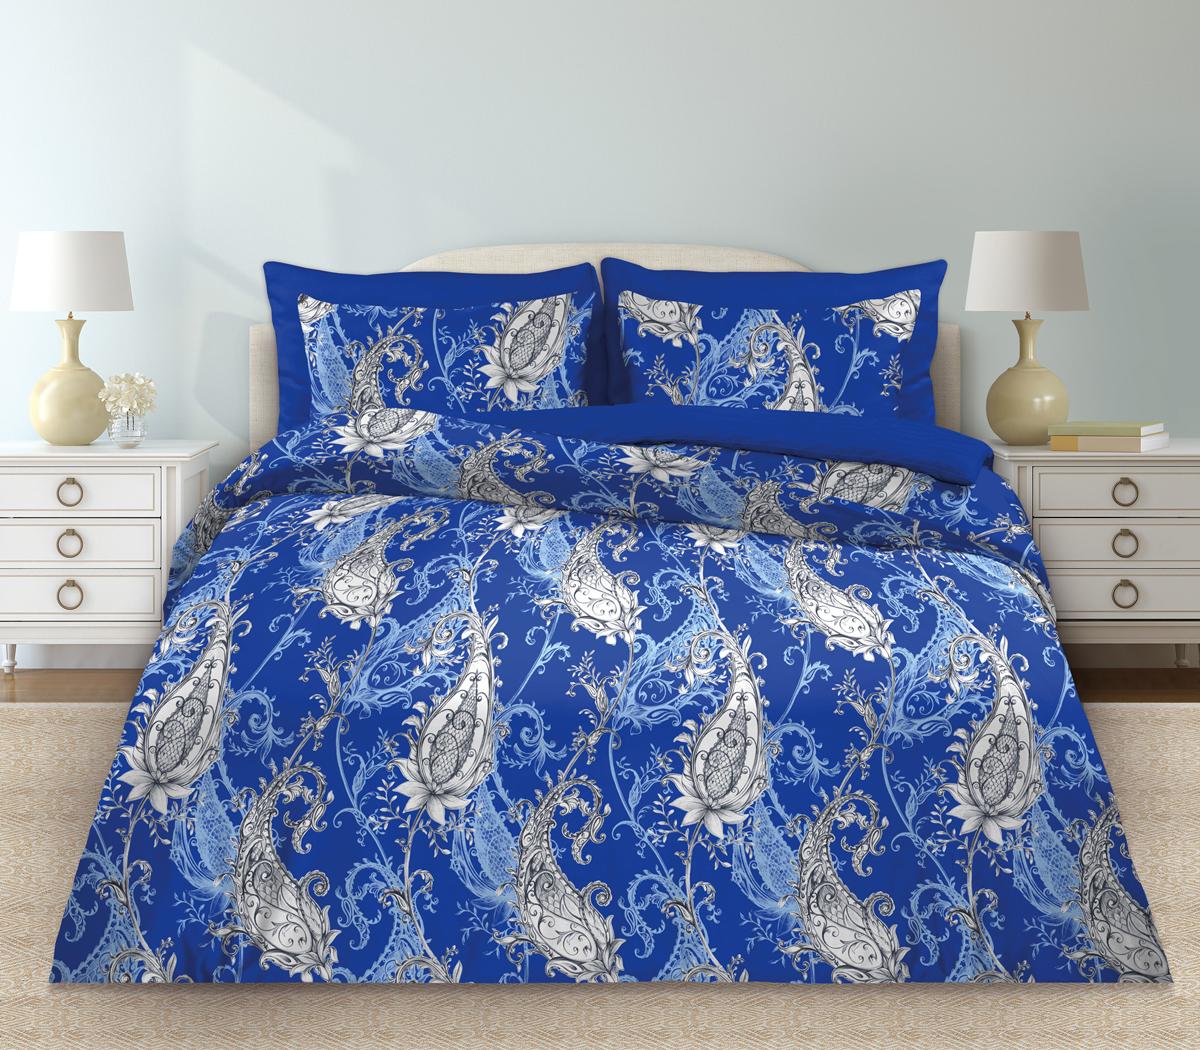 Комплект белья Любимый дом Венера, 1,5 спальное, наволочки 70 х 70, цвет: синий. 331091331091Комплект постельного белья коллекции «Любимый дом» - выполнен из высококачественной ткани из 100% хлопка. Такое белье абсолютно натуральное, гипоаллергенное, соответствует строжайшим экологическим нормам безопасности, комфортное, дышащее, не нарушает естественные процессы терморегуляции, прочное, не линяет, не деформируется и не теряет своих красок даже после многочисленных стирок, а также отличается хорошей износостойкостью.